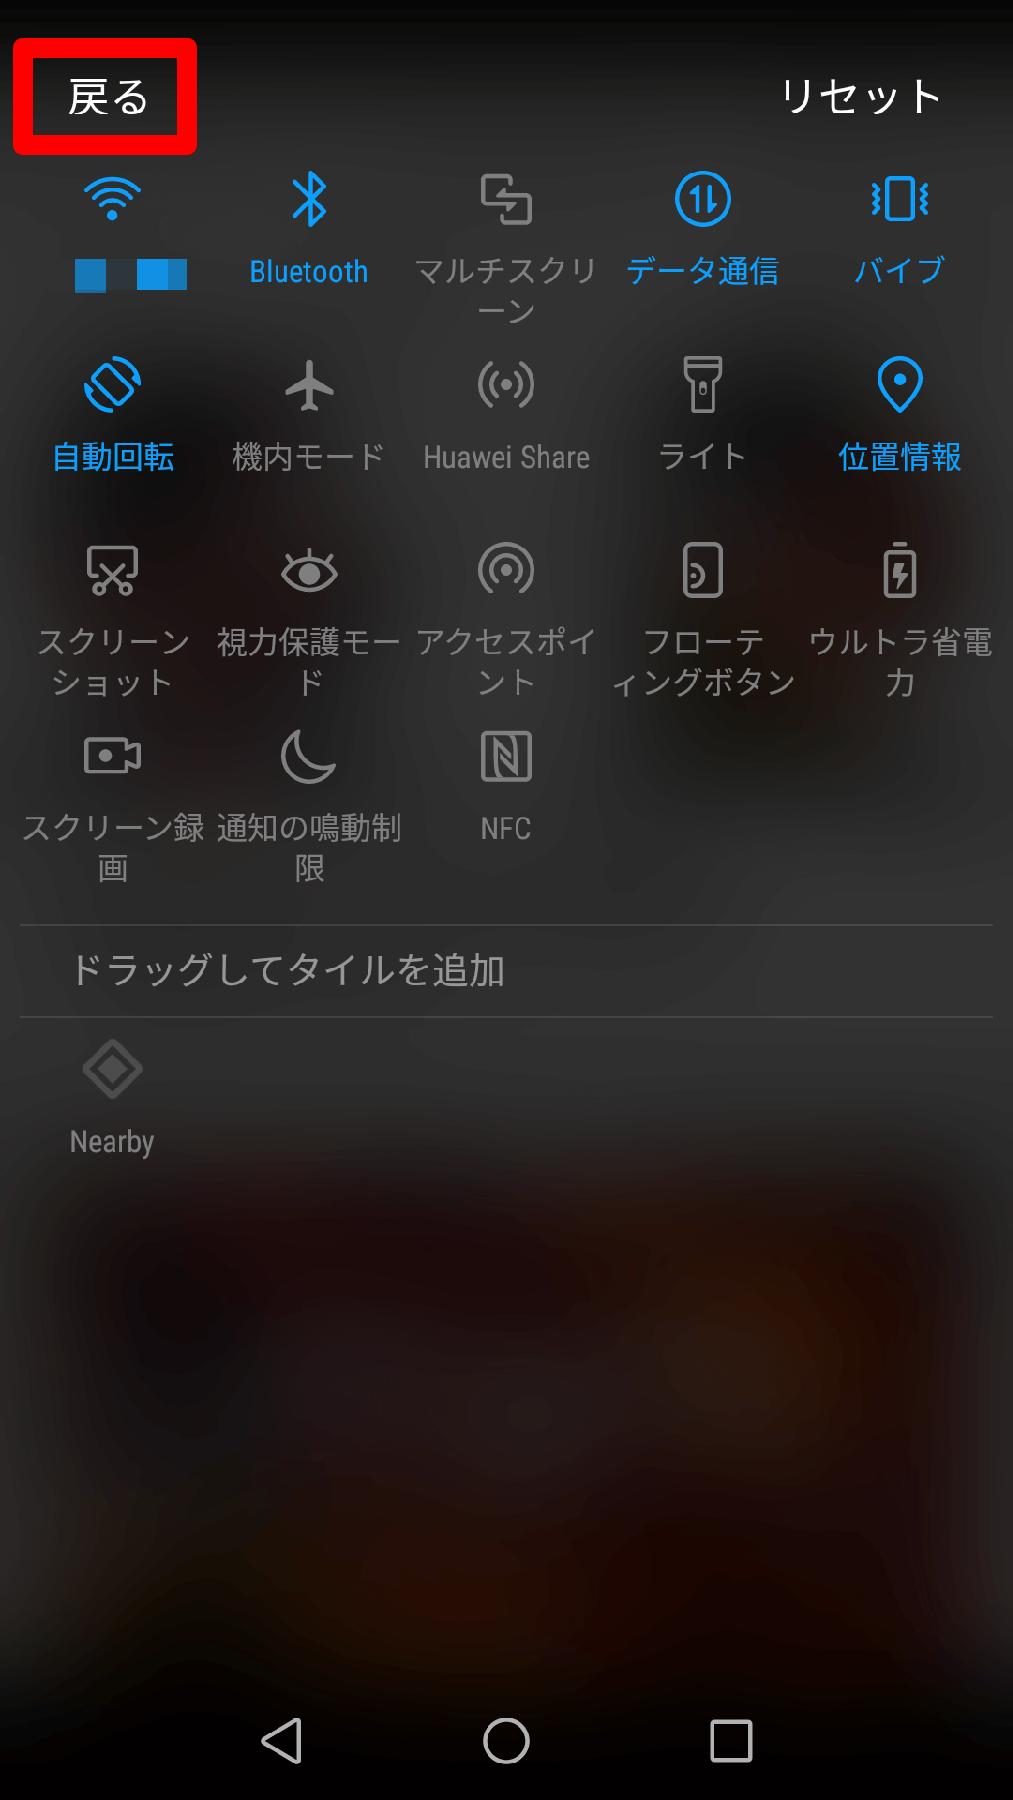 アンドロイドスマートフォンのクイック設定パネルのカスタマイズ後の画面